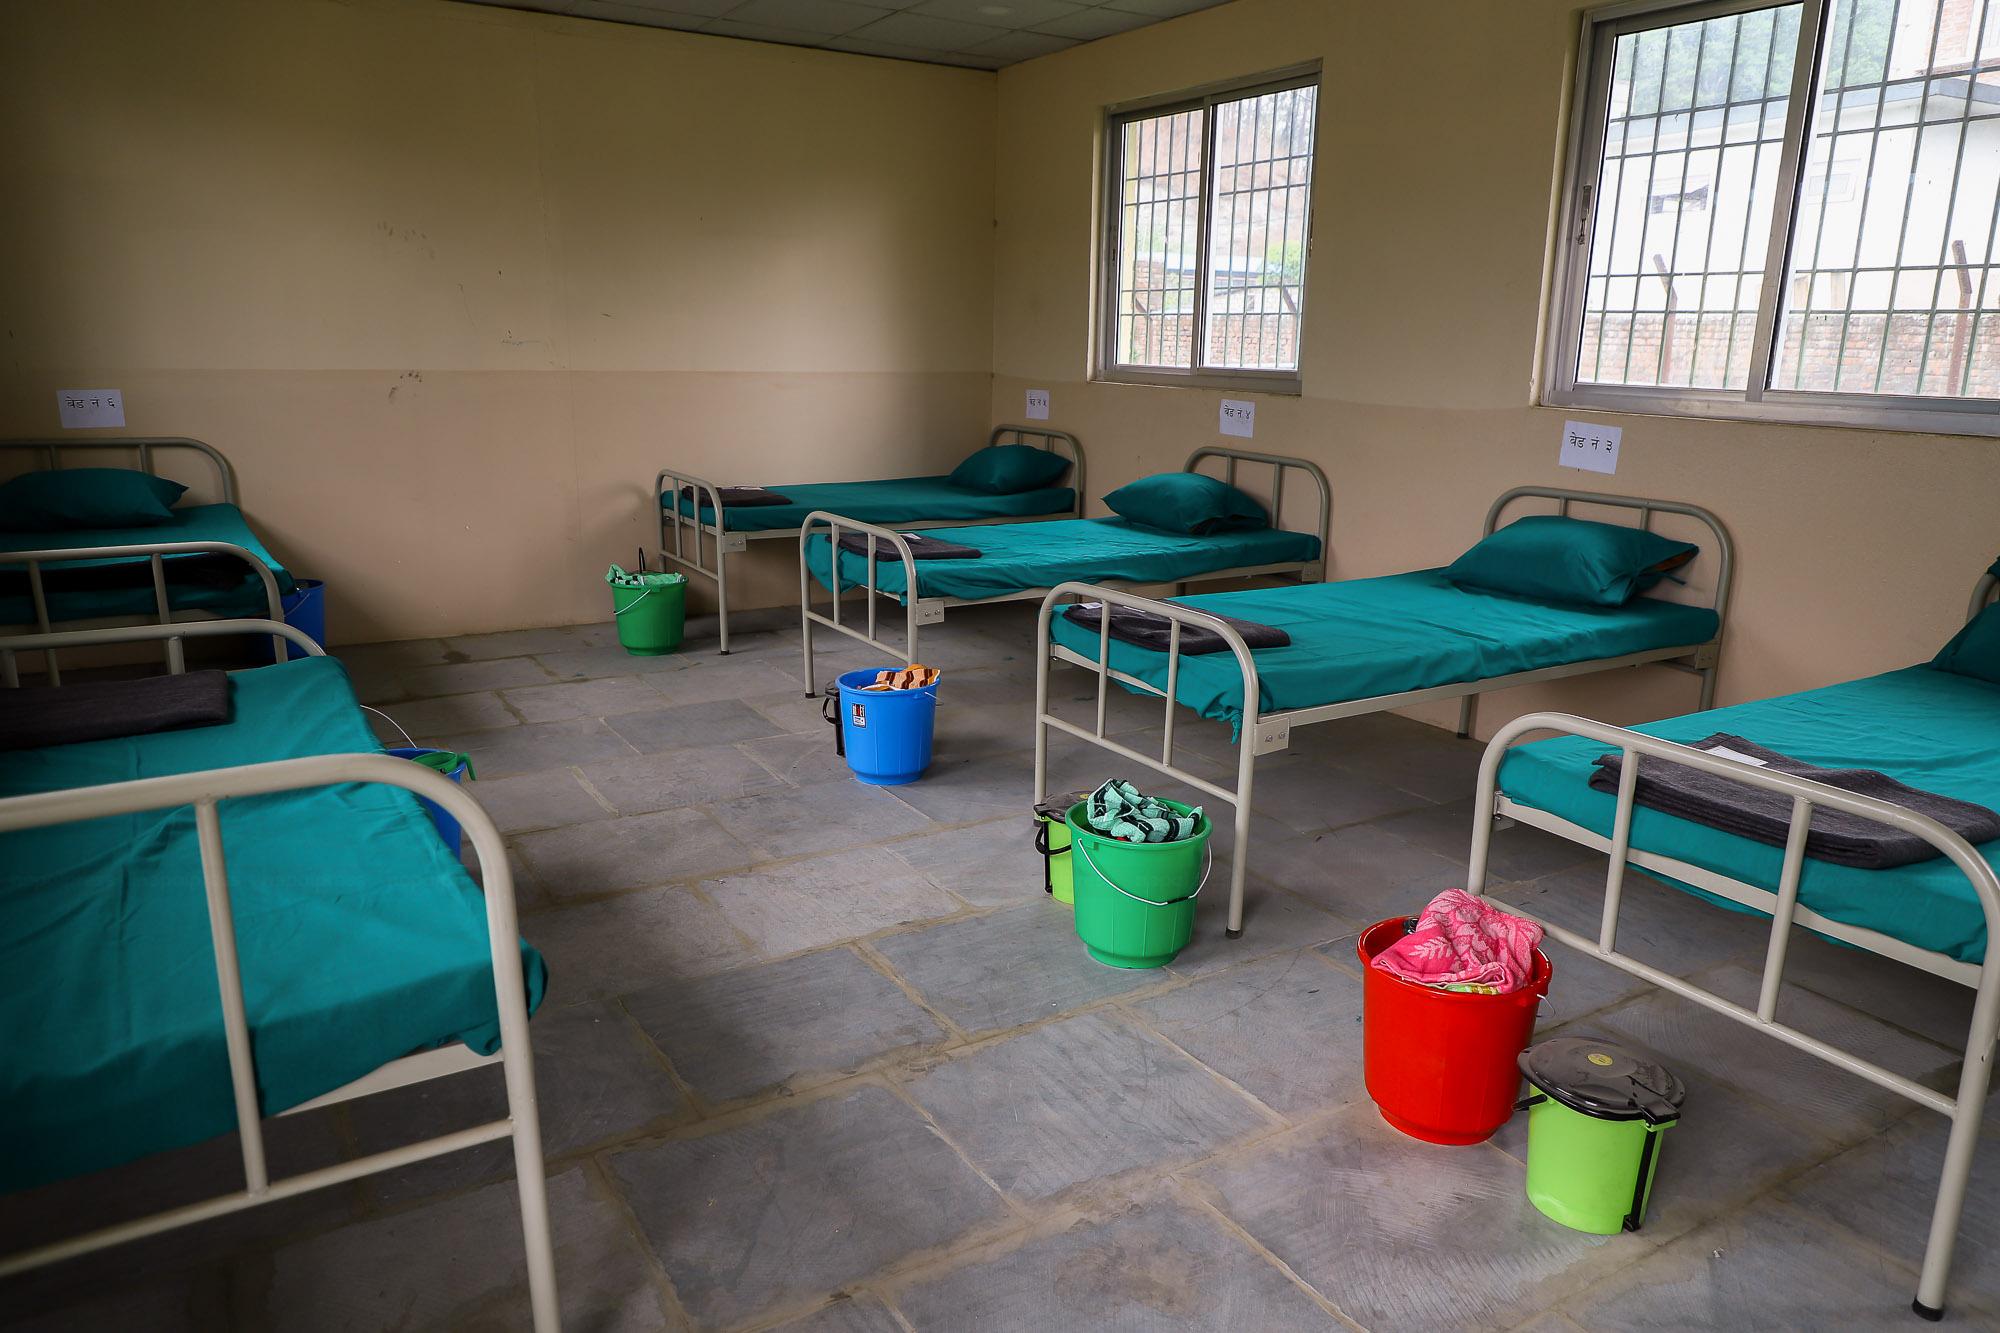 लुम्बिनीका ६ जिल्लामा पत्रकारले बनाए आइसोलेसन, ३८ पत्रकार संक्रमित